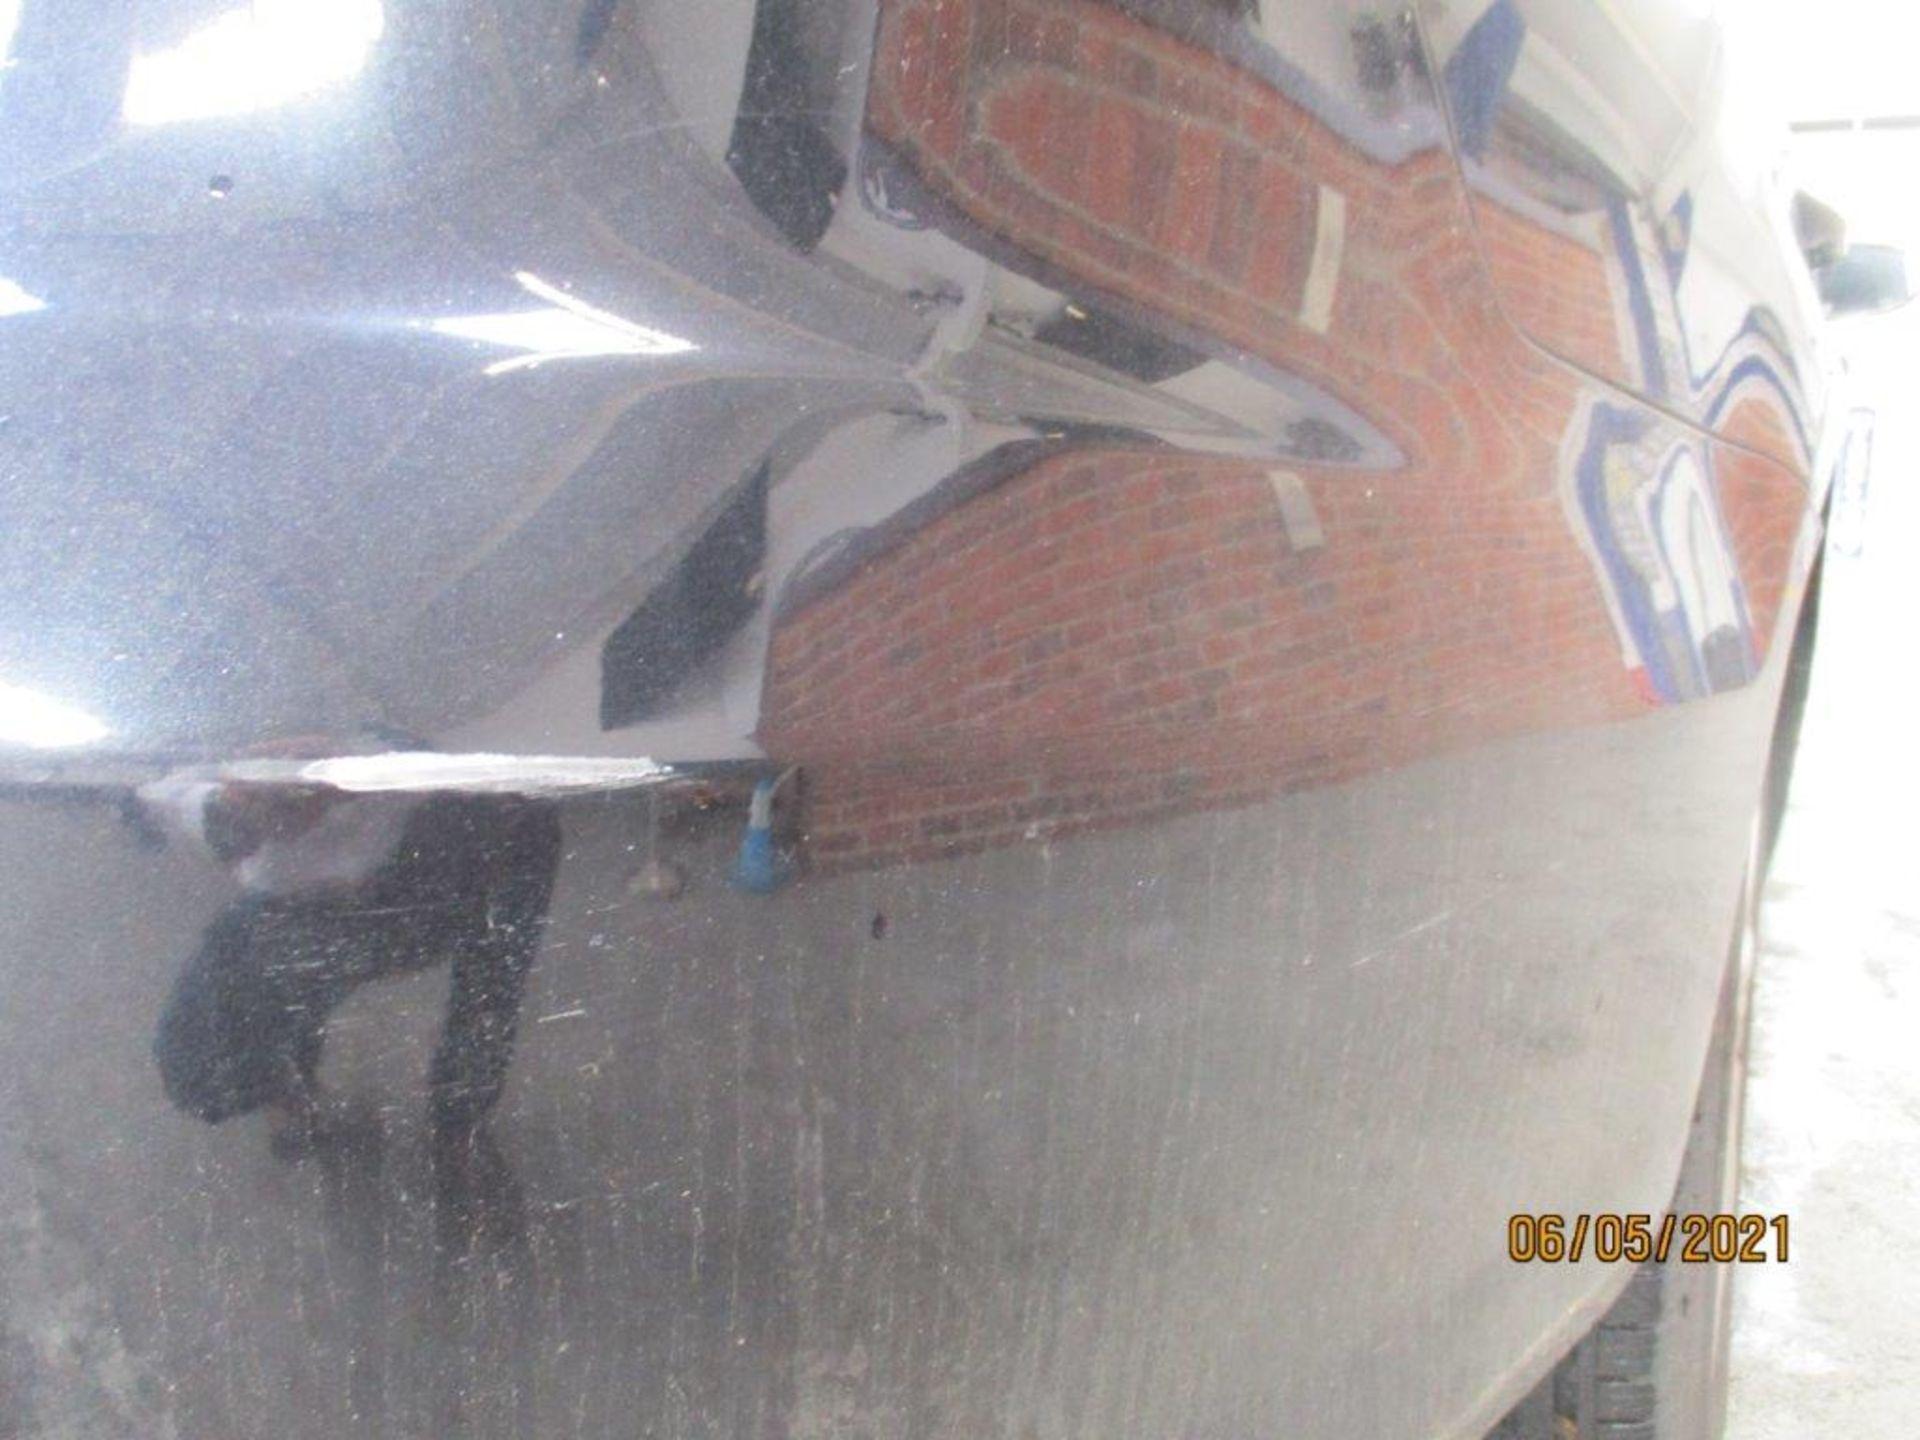 13 13 VW Passat S Bluemotion Tech - Image 19 of 29